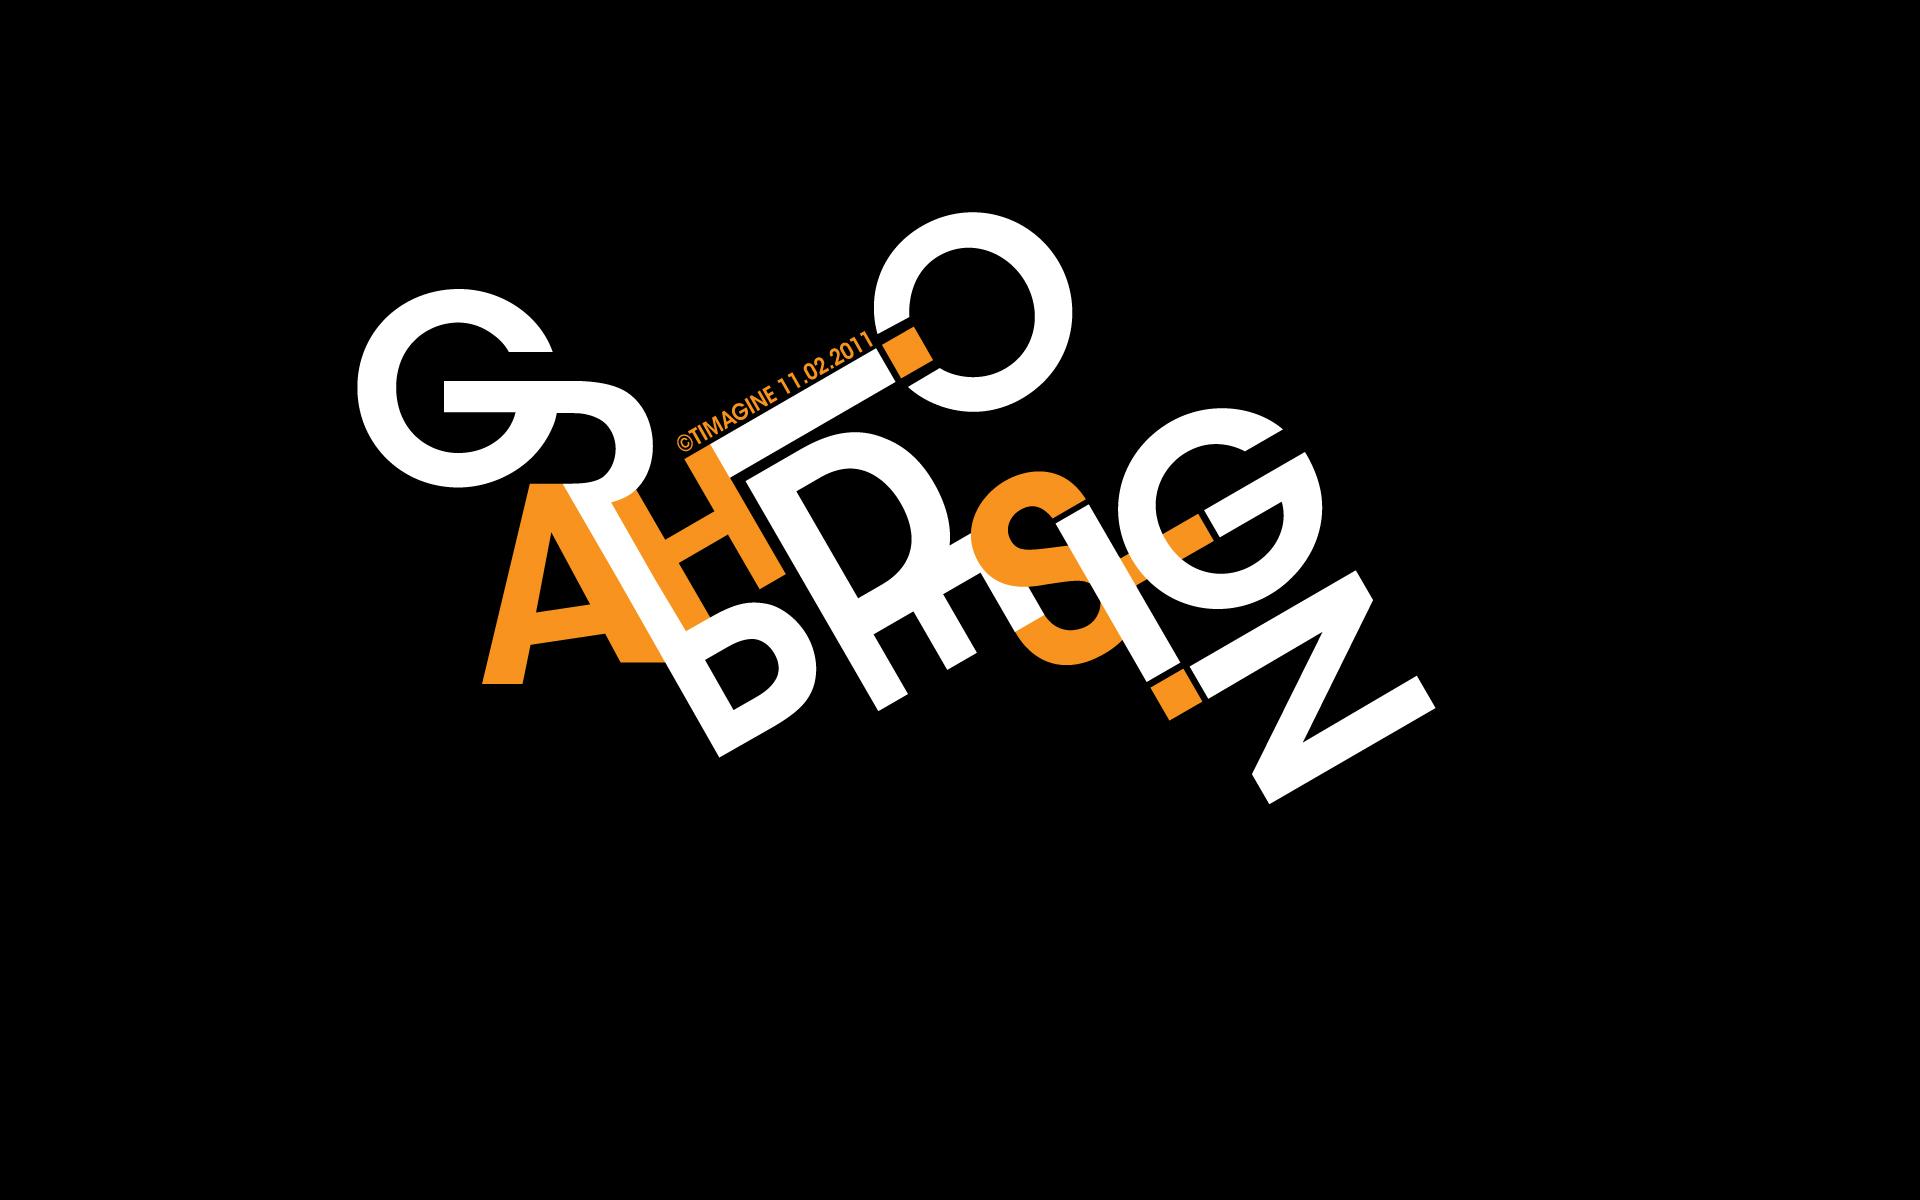 14 rhode island graphic design agencies